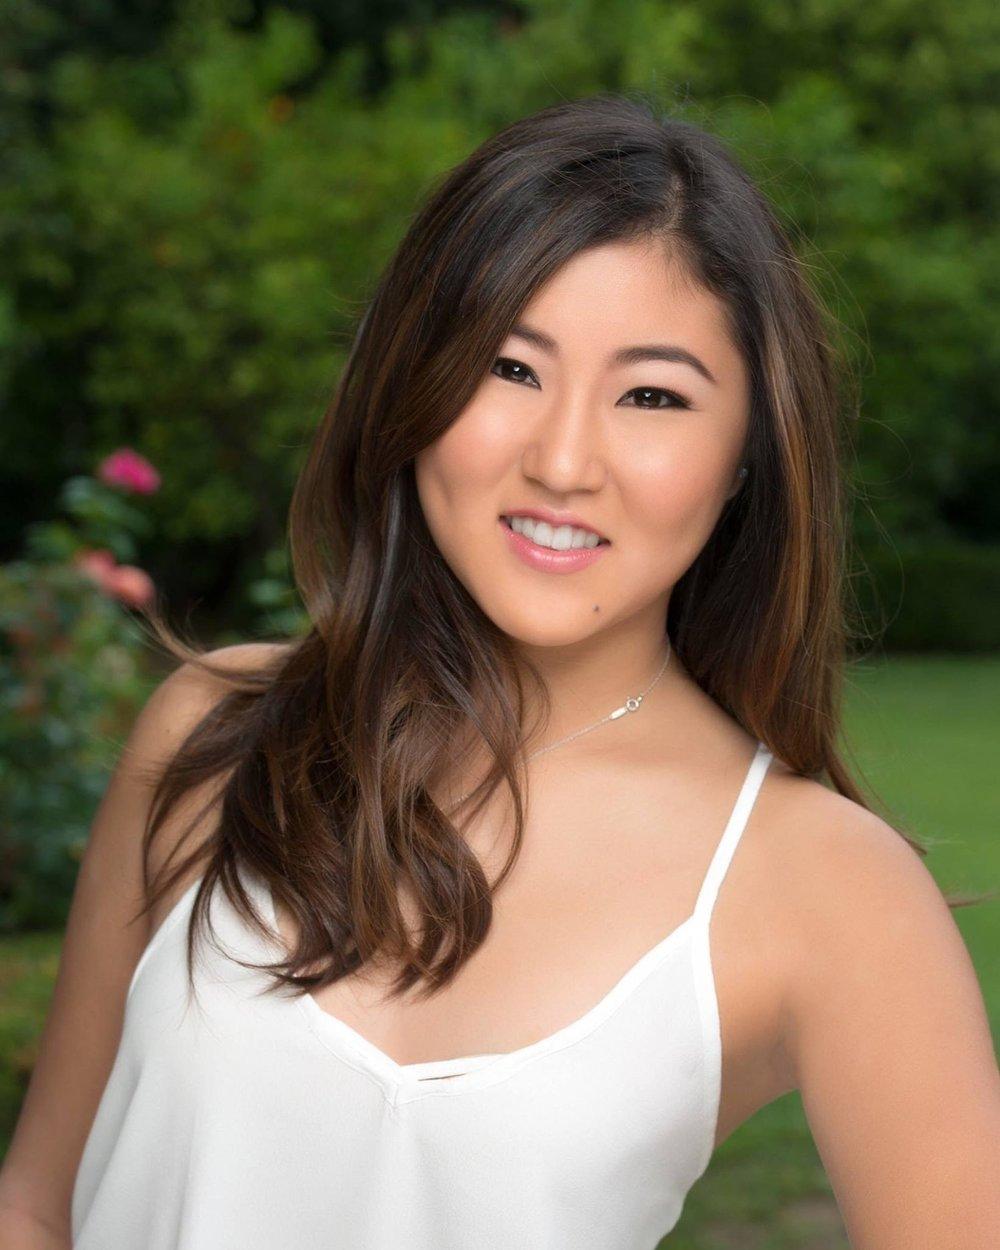 Tiffany Sato